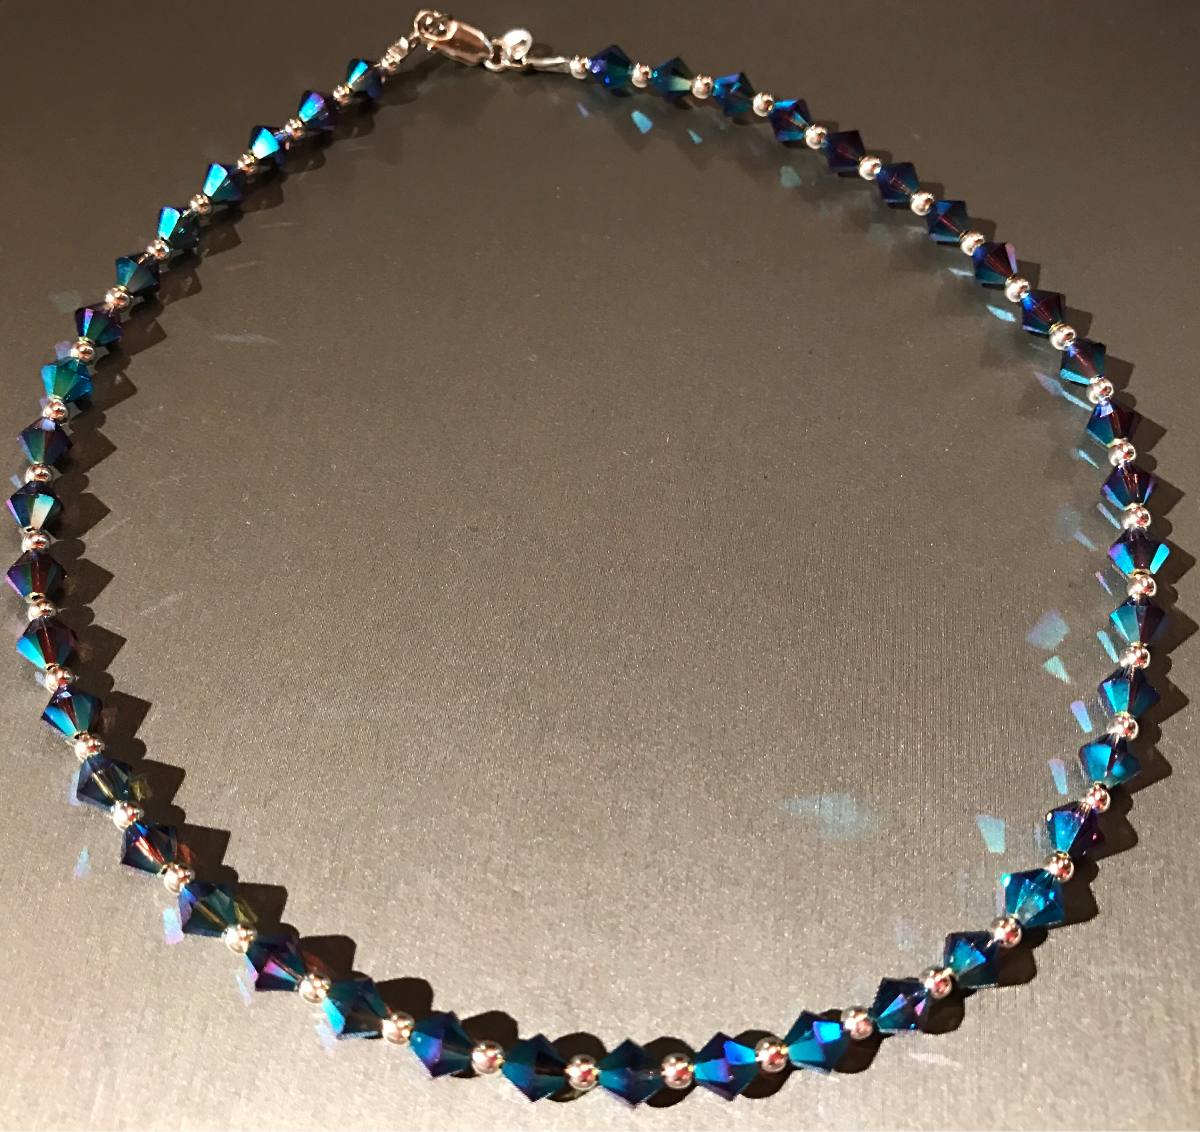 cf986de44ed0 promo collar cristales swarovski 6mm joyas regalos mujer. Cargando zoom.